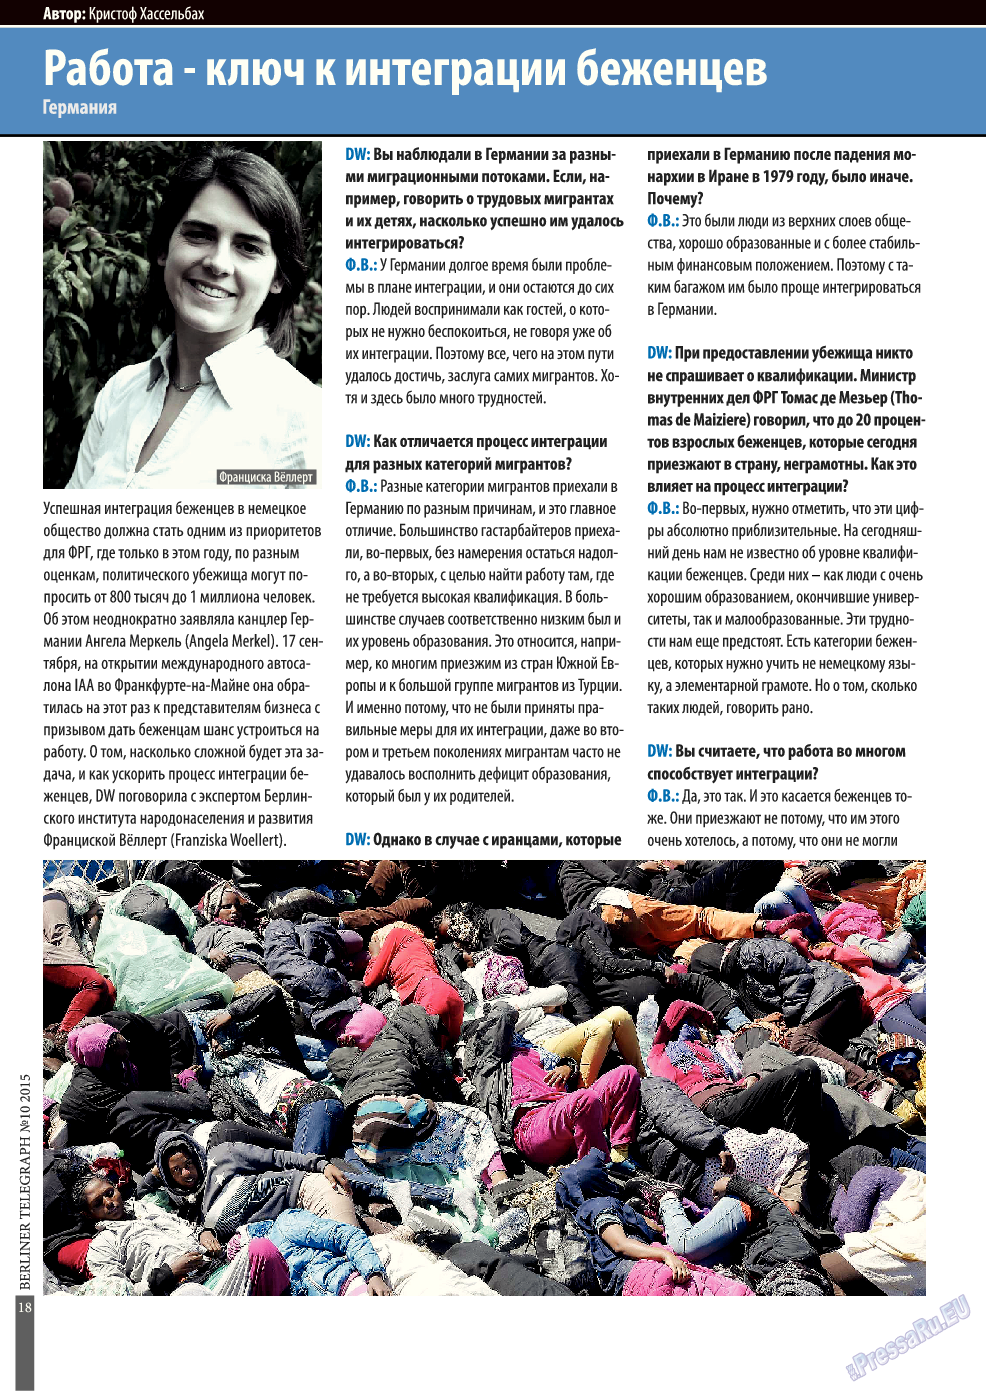 Берлинский телеграф (журнал). 2015 год, номер 11, стр. 18